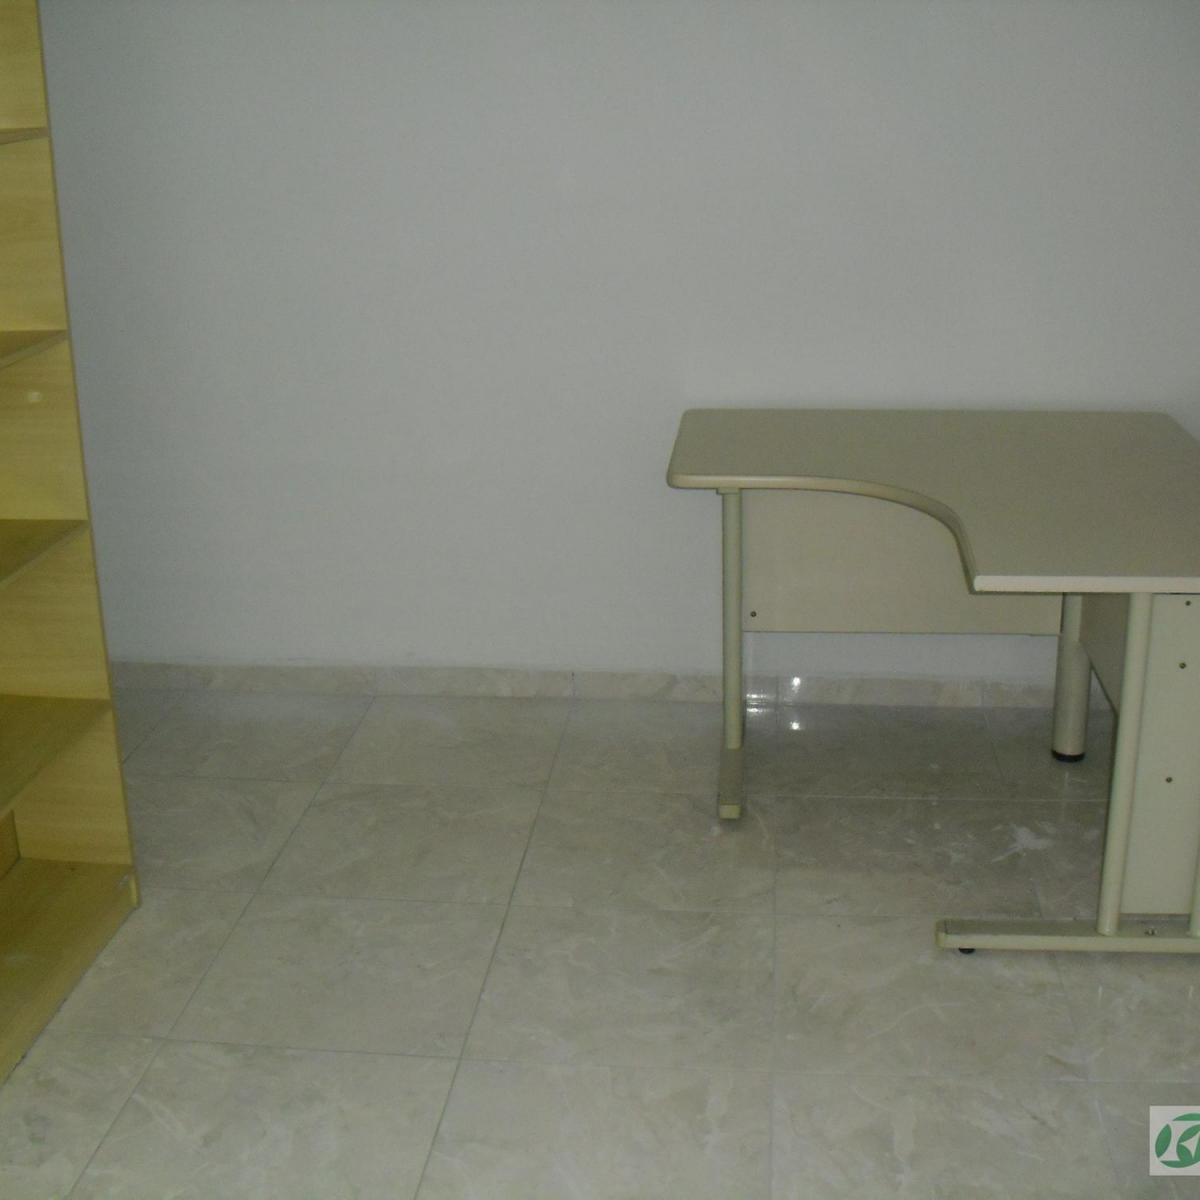 Imagens de #59511C  em hauer rua frederico maurer 1254 apto 106 bl 1 hauer curitiba 1200x1200 px 2898 Box Banheiro Hauer